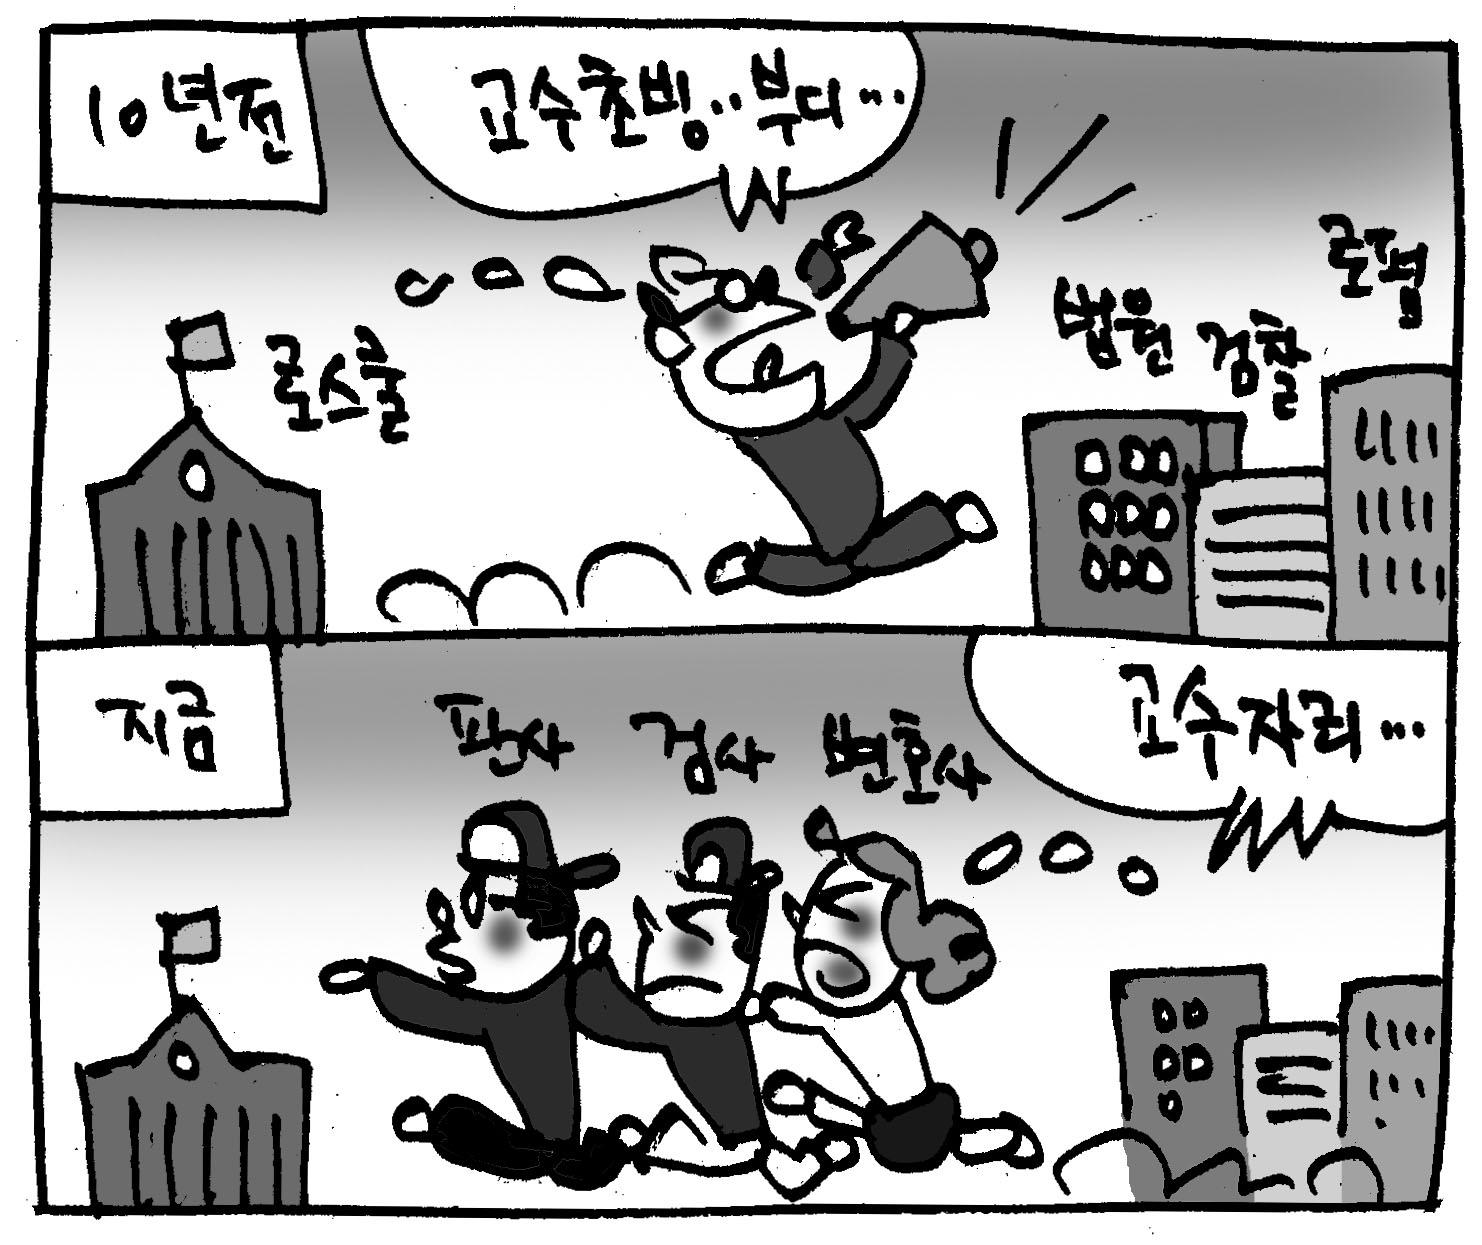 수임경쟁 격화·워라밸 문화 맞물려 '로스쿨 교수 선호'